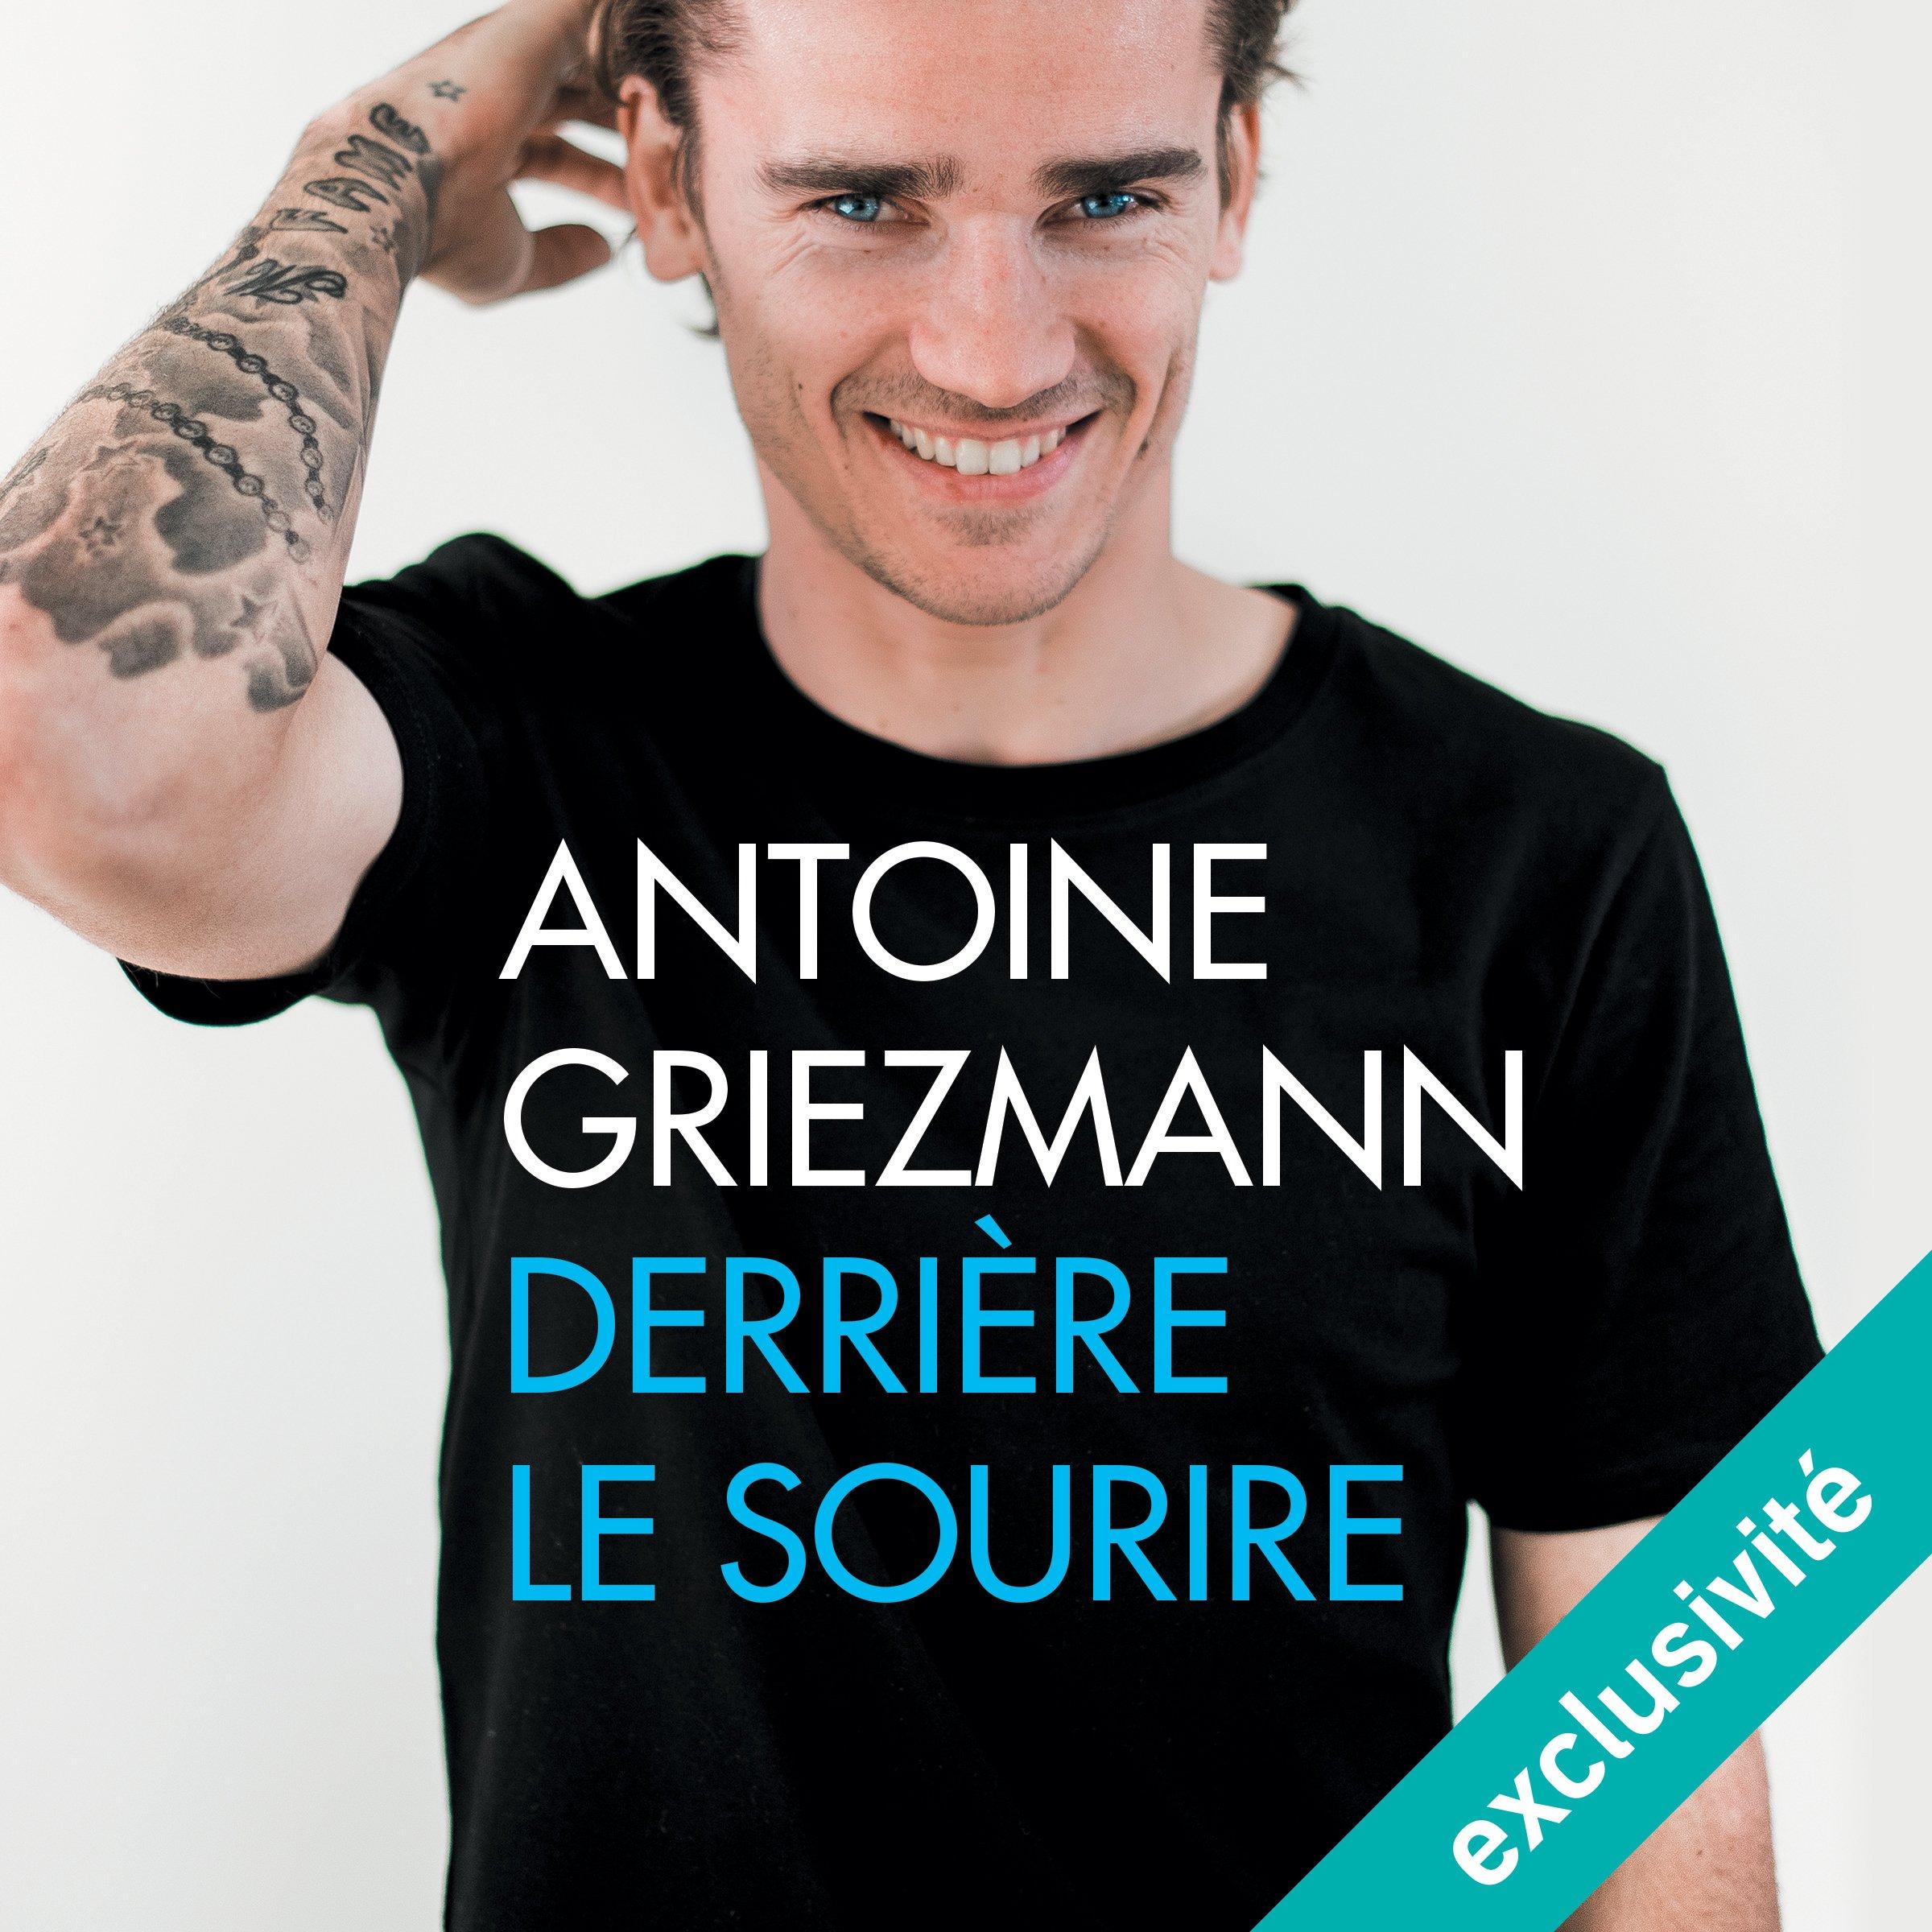 Antoine Griezmann, Derrière le sourire